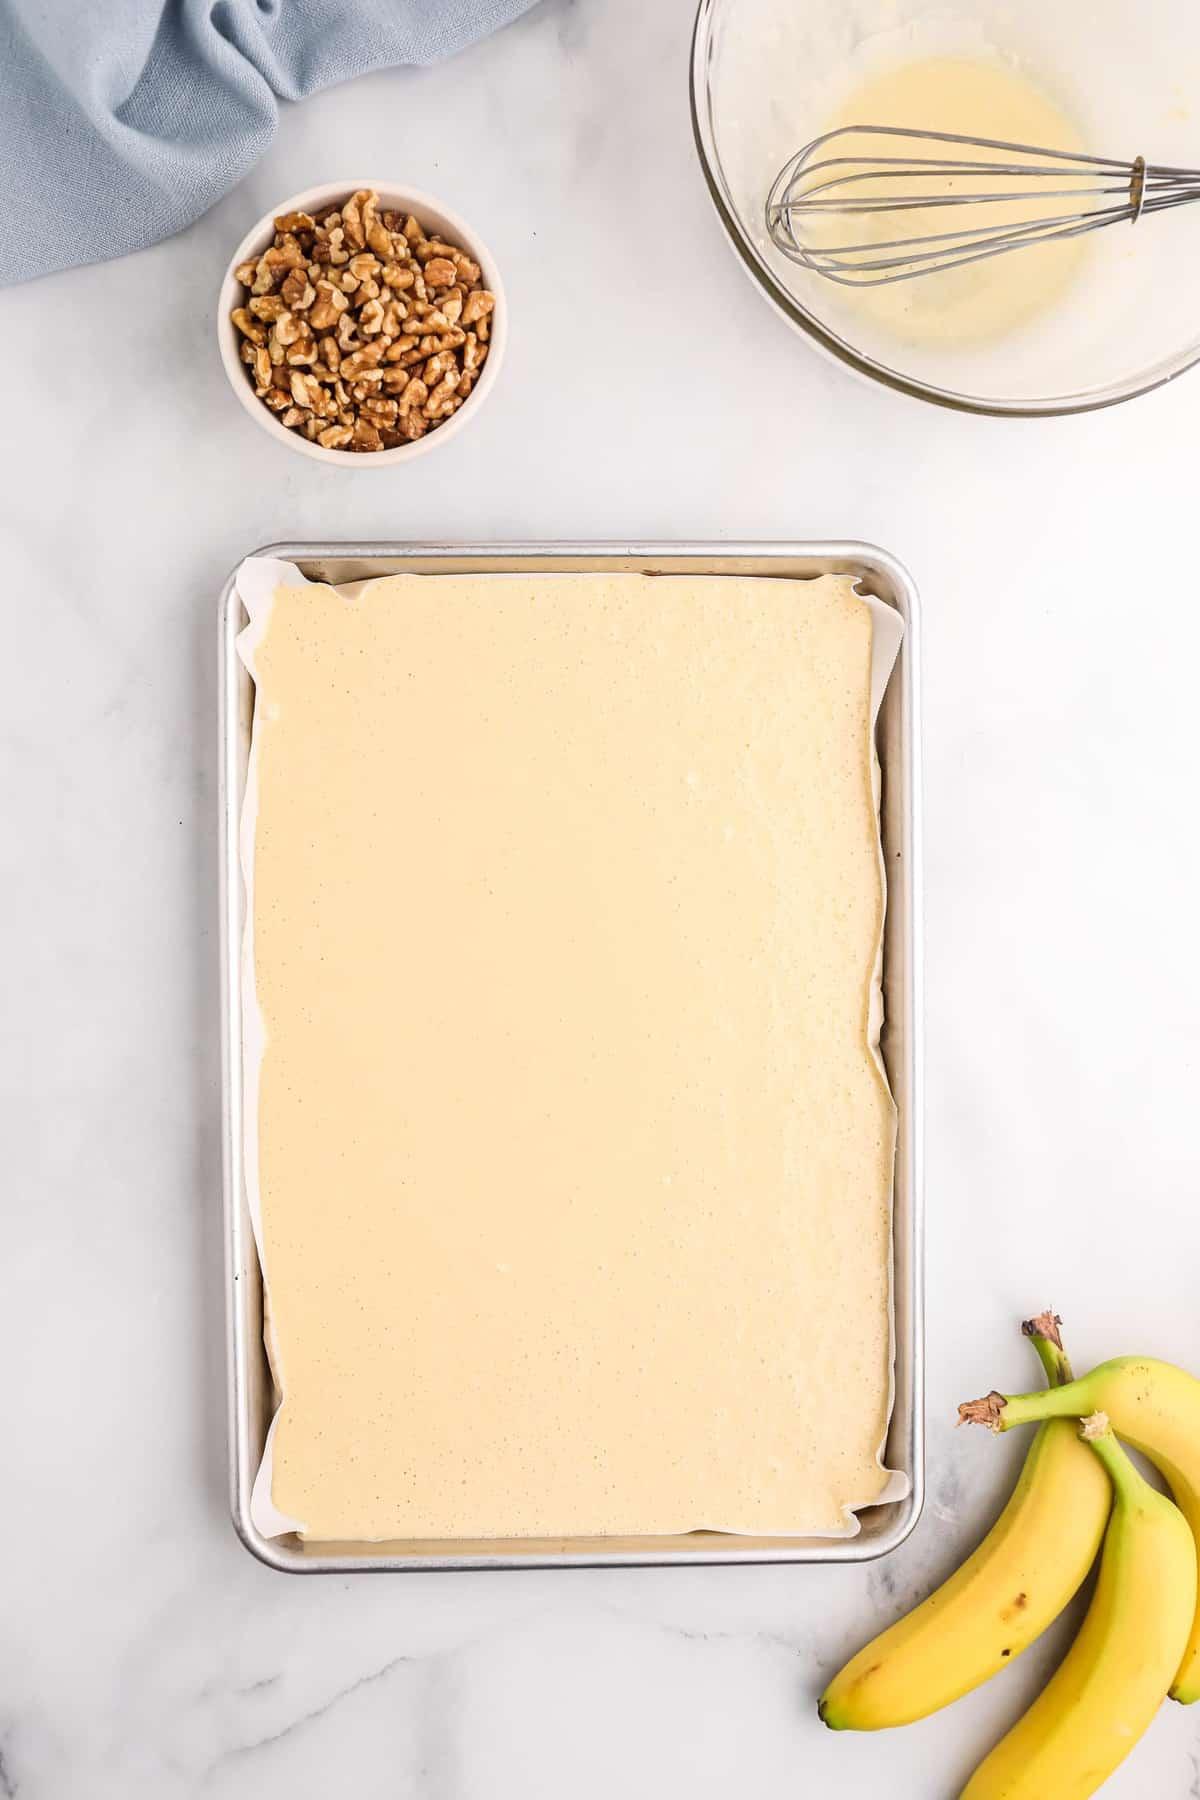 Pancake batter in a sheet pan.